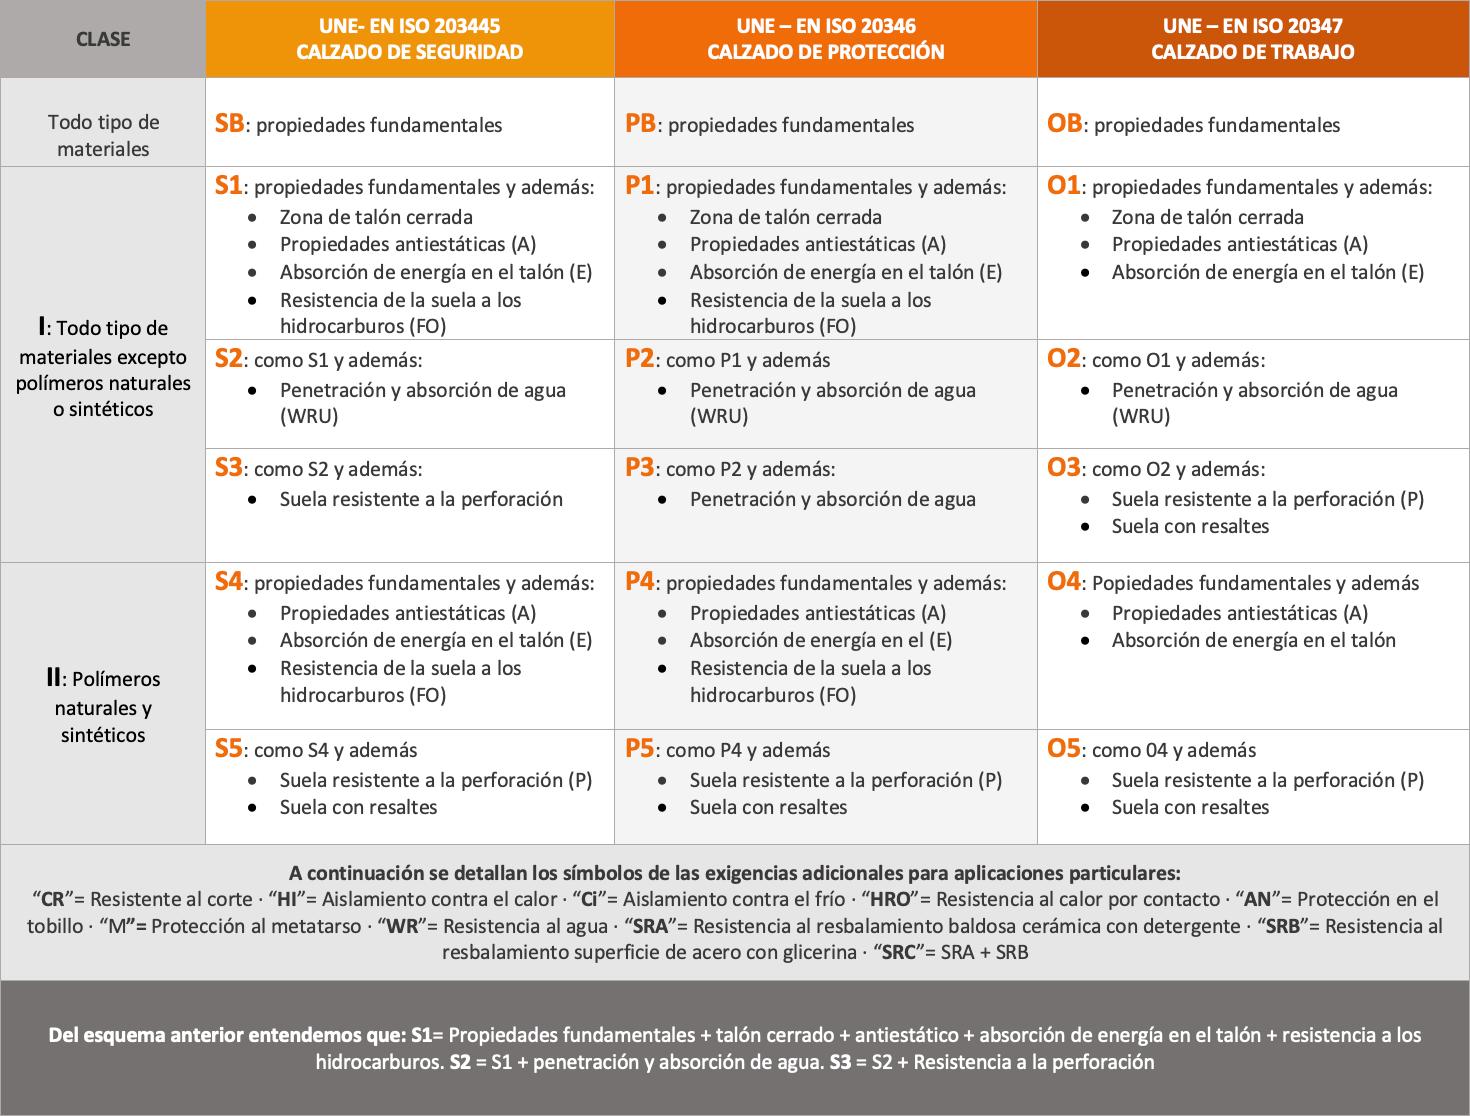 tabla de normas de calzado de seguridad laboral